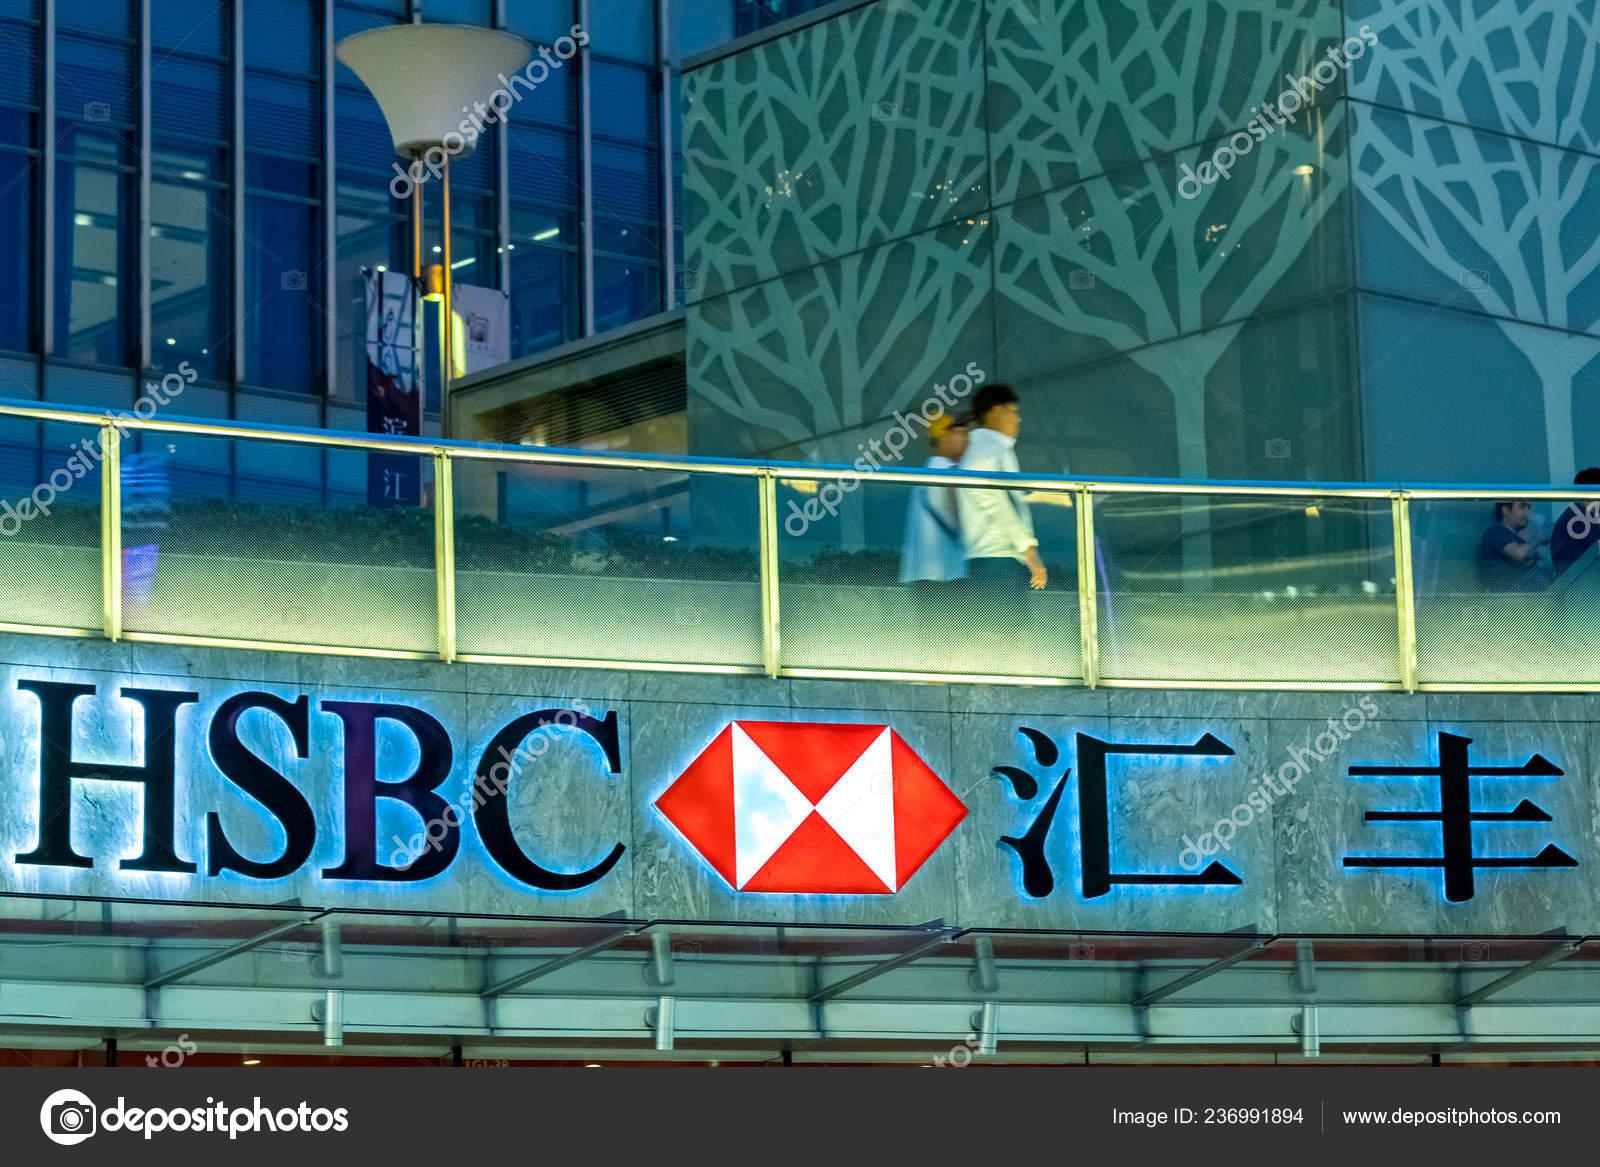 Пешеходы Ходить Мимо Рекламу Hsbc Гонконг Шанхай Банк